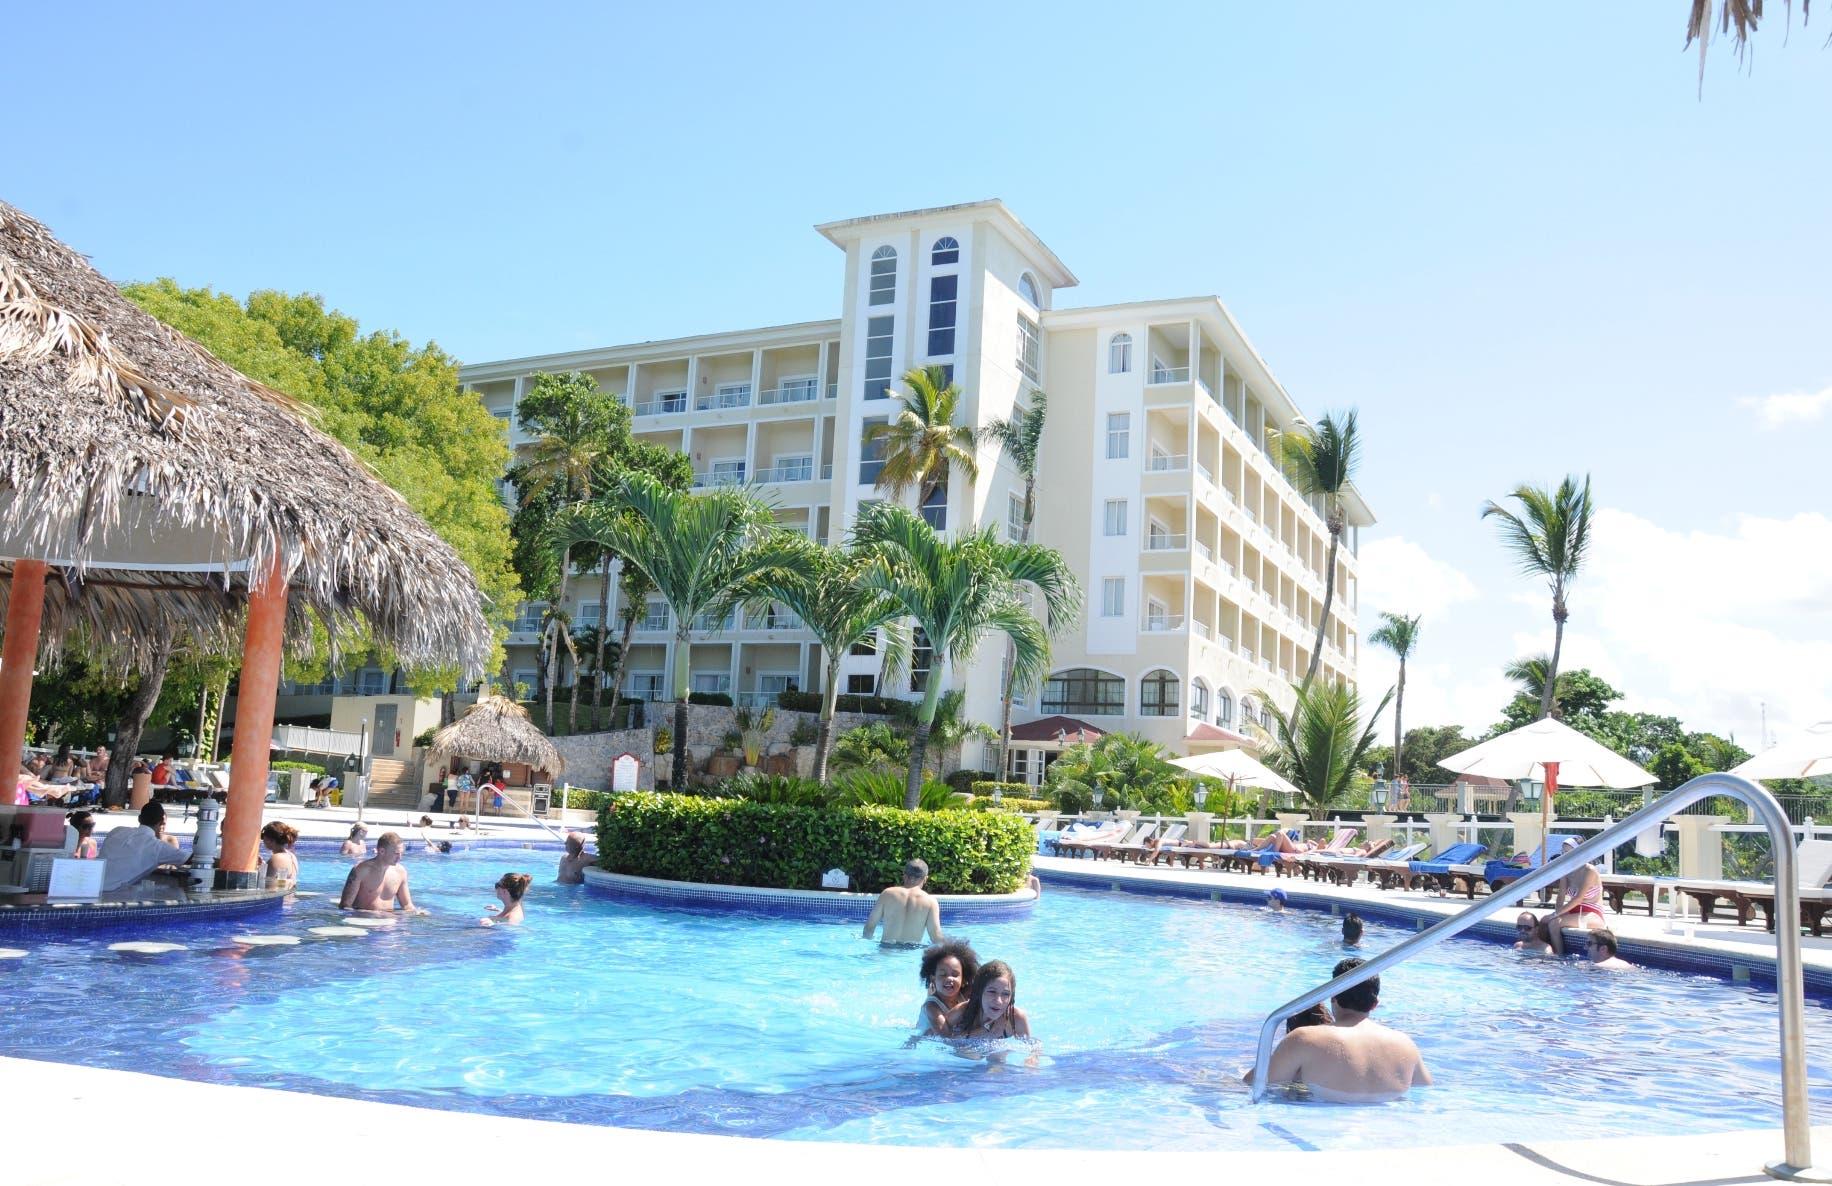 Hoteles ponen a aclimatación 1,500 habitaciones para sospechosos del Covid-19 | El Día